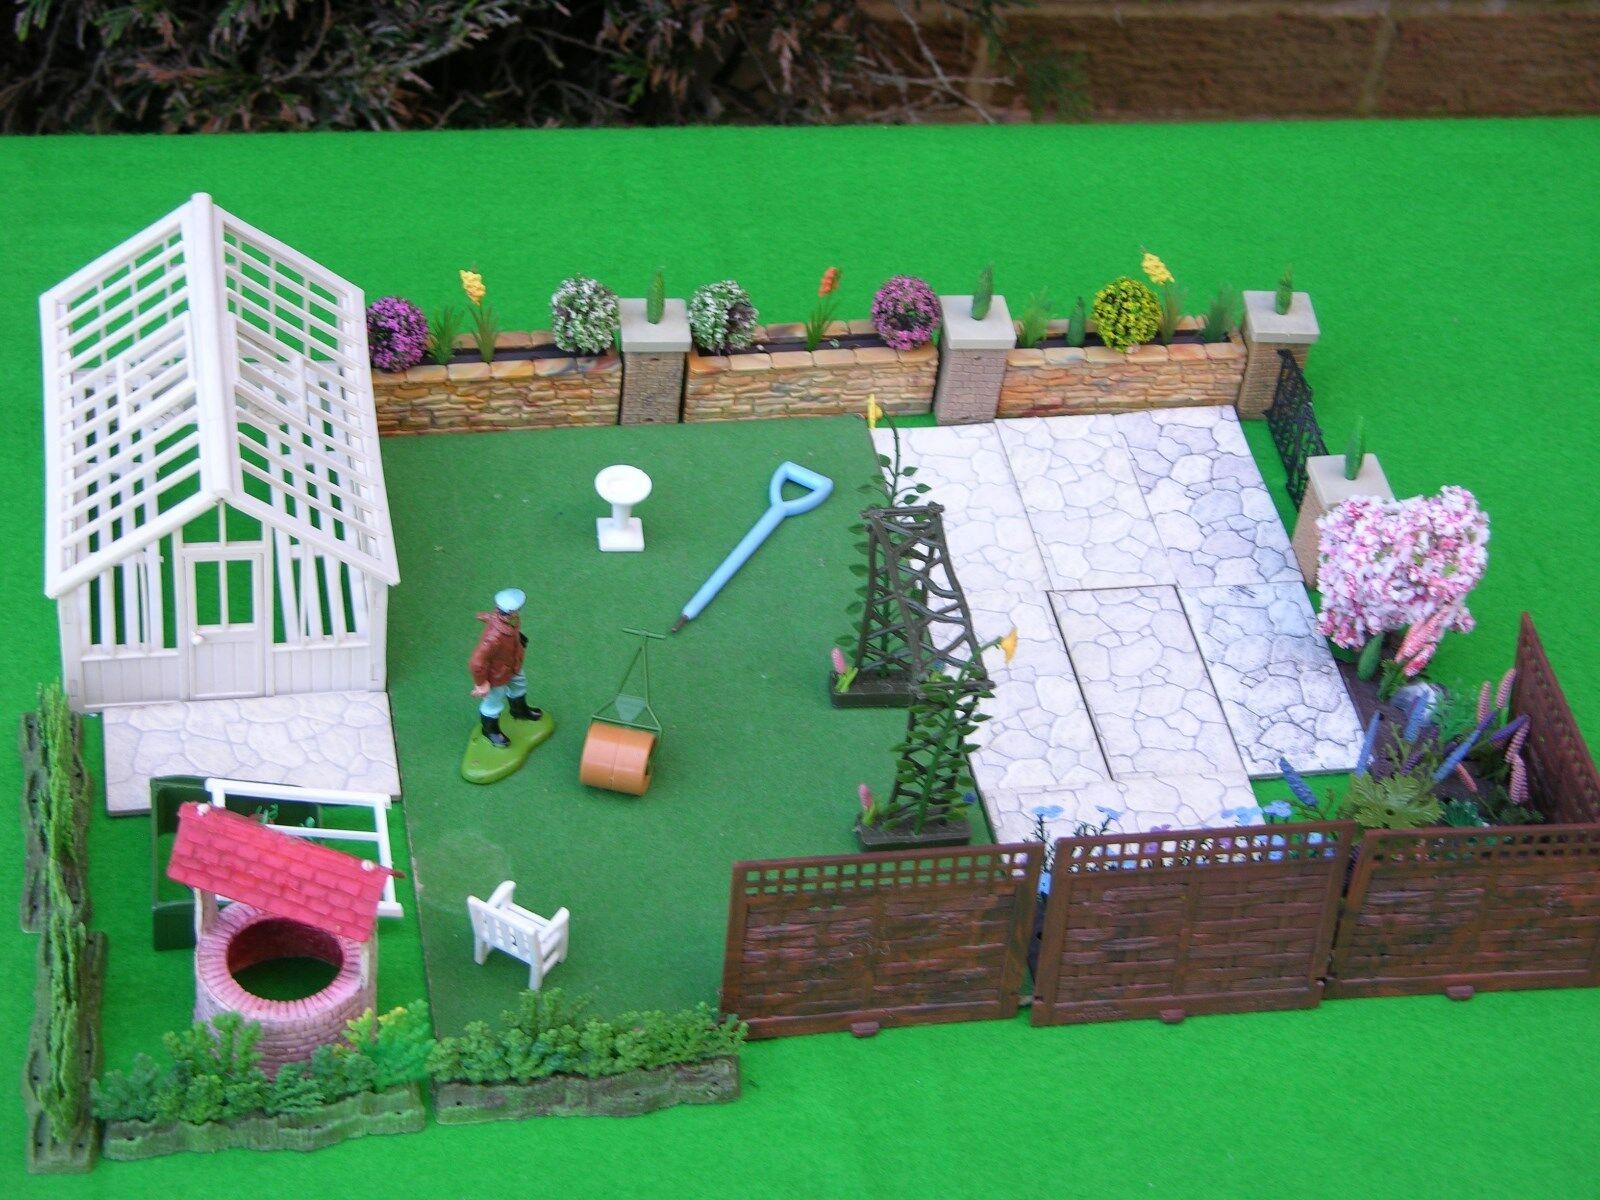 Flores y jardines del Reino Reino Reino Unido, jardines, escenas, lugares de trabajo fijos 866